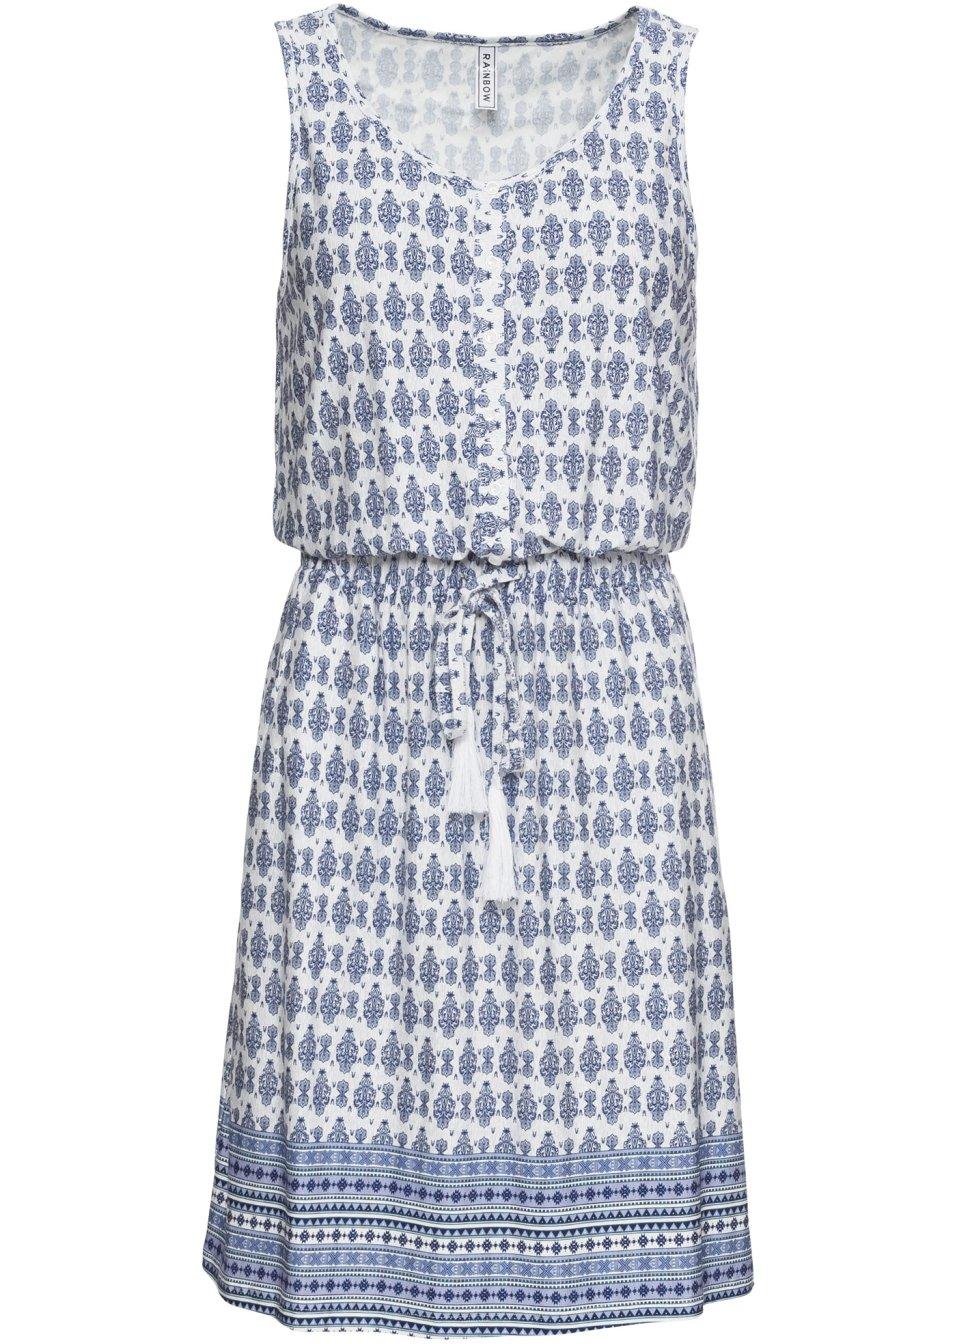 Kurzes Kleid mit Bindekordel - blau/weiß gemustert IVF37 Ys4Jd